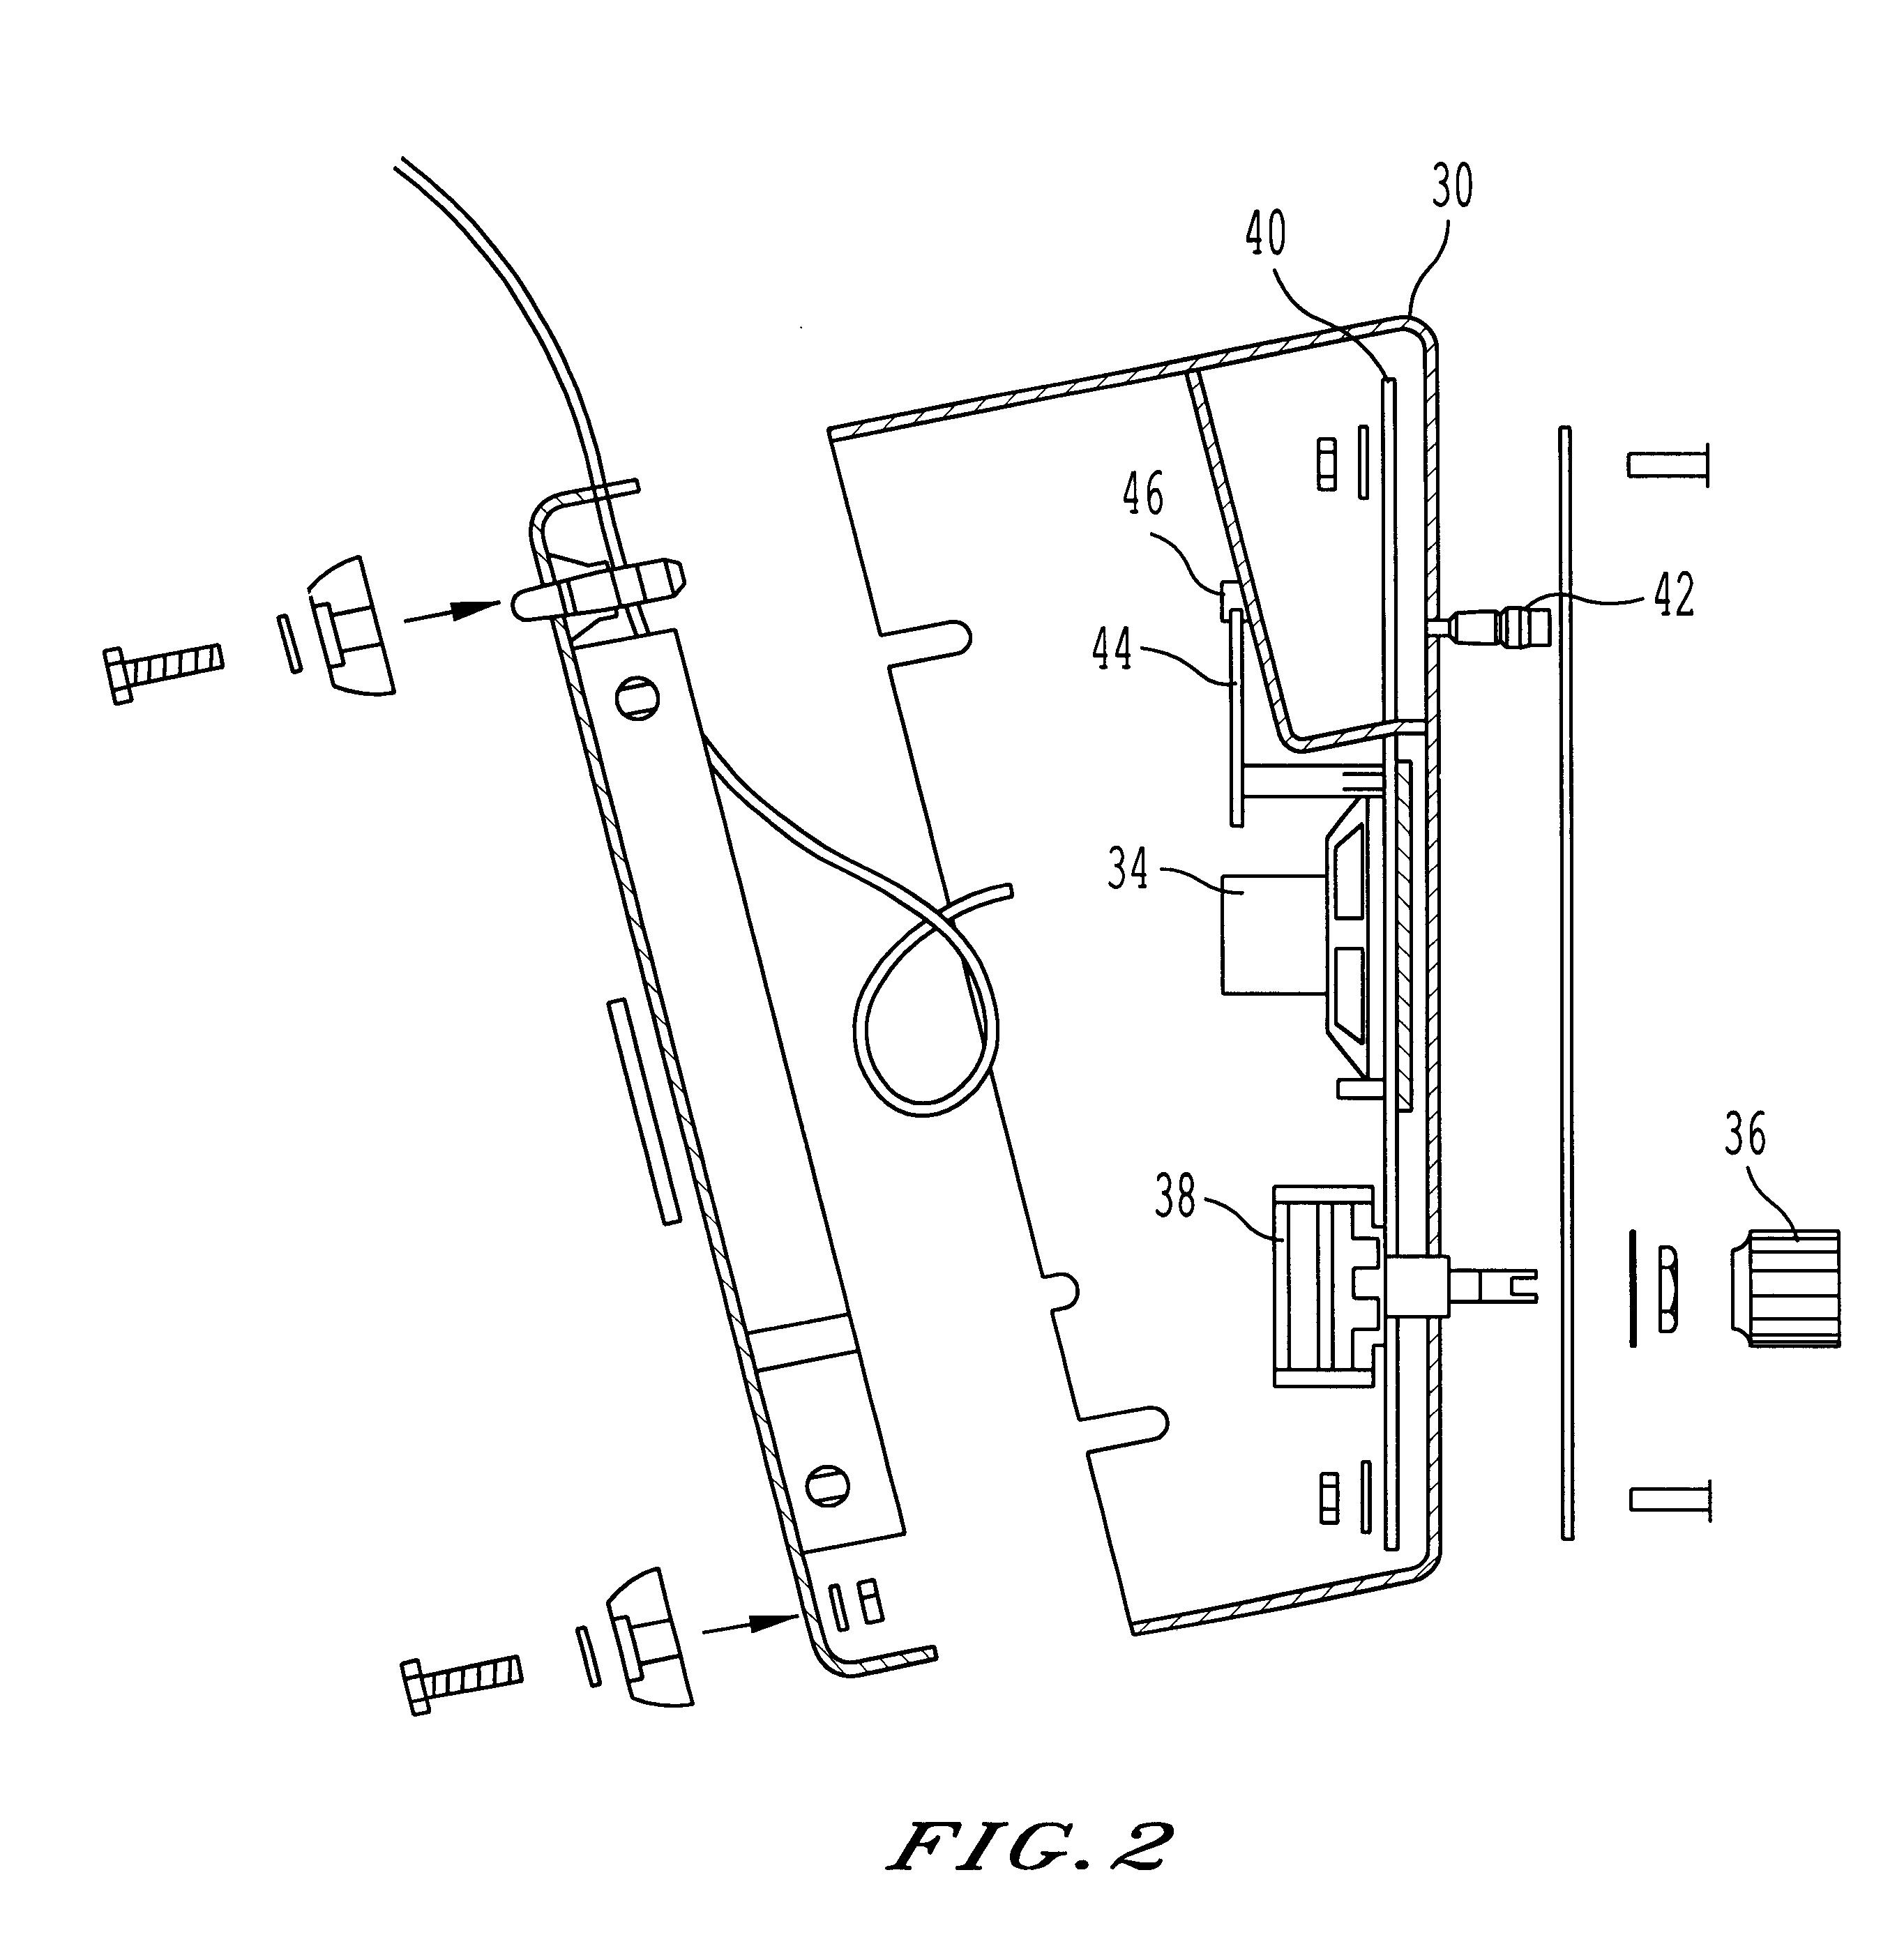 patent us6289100